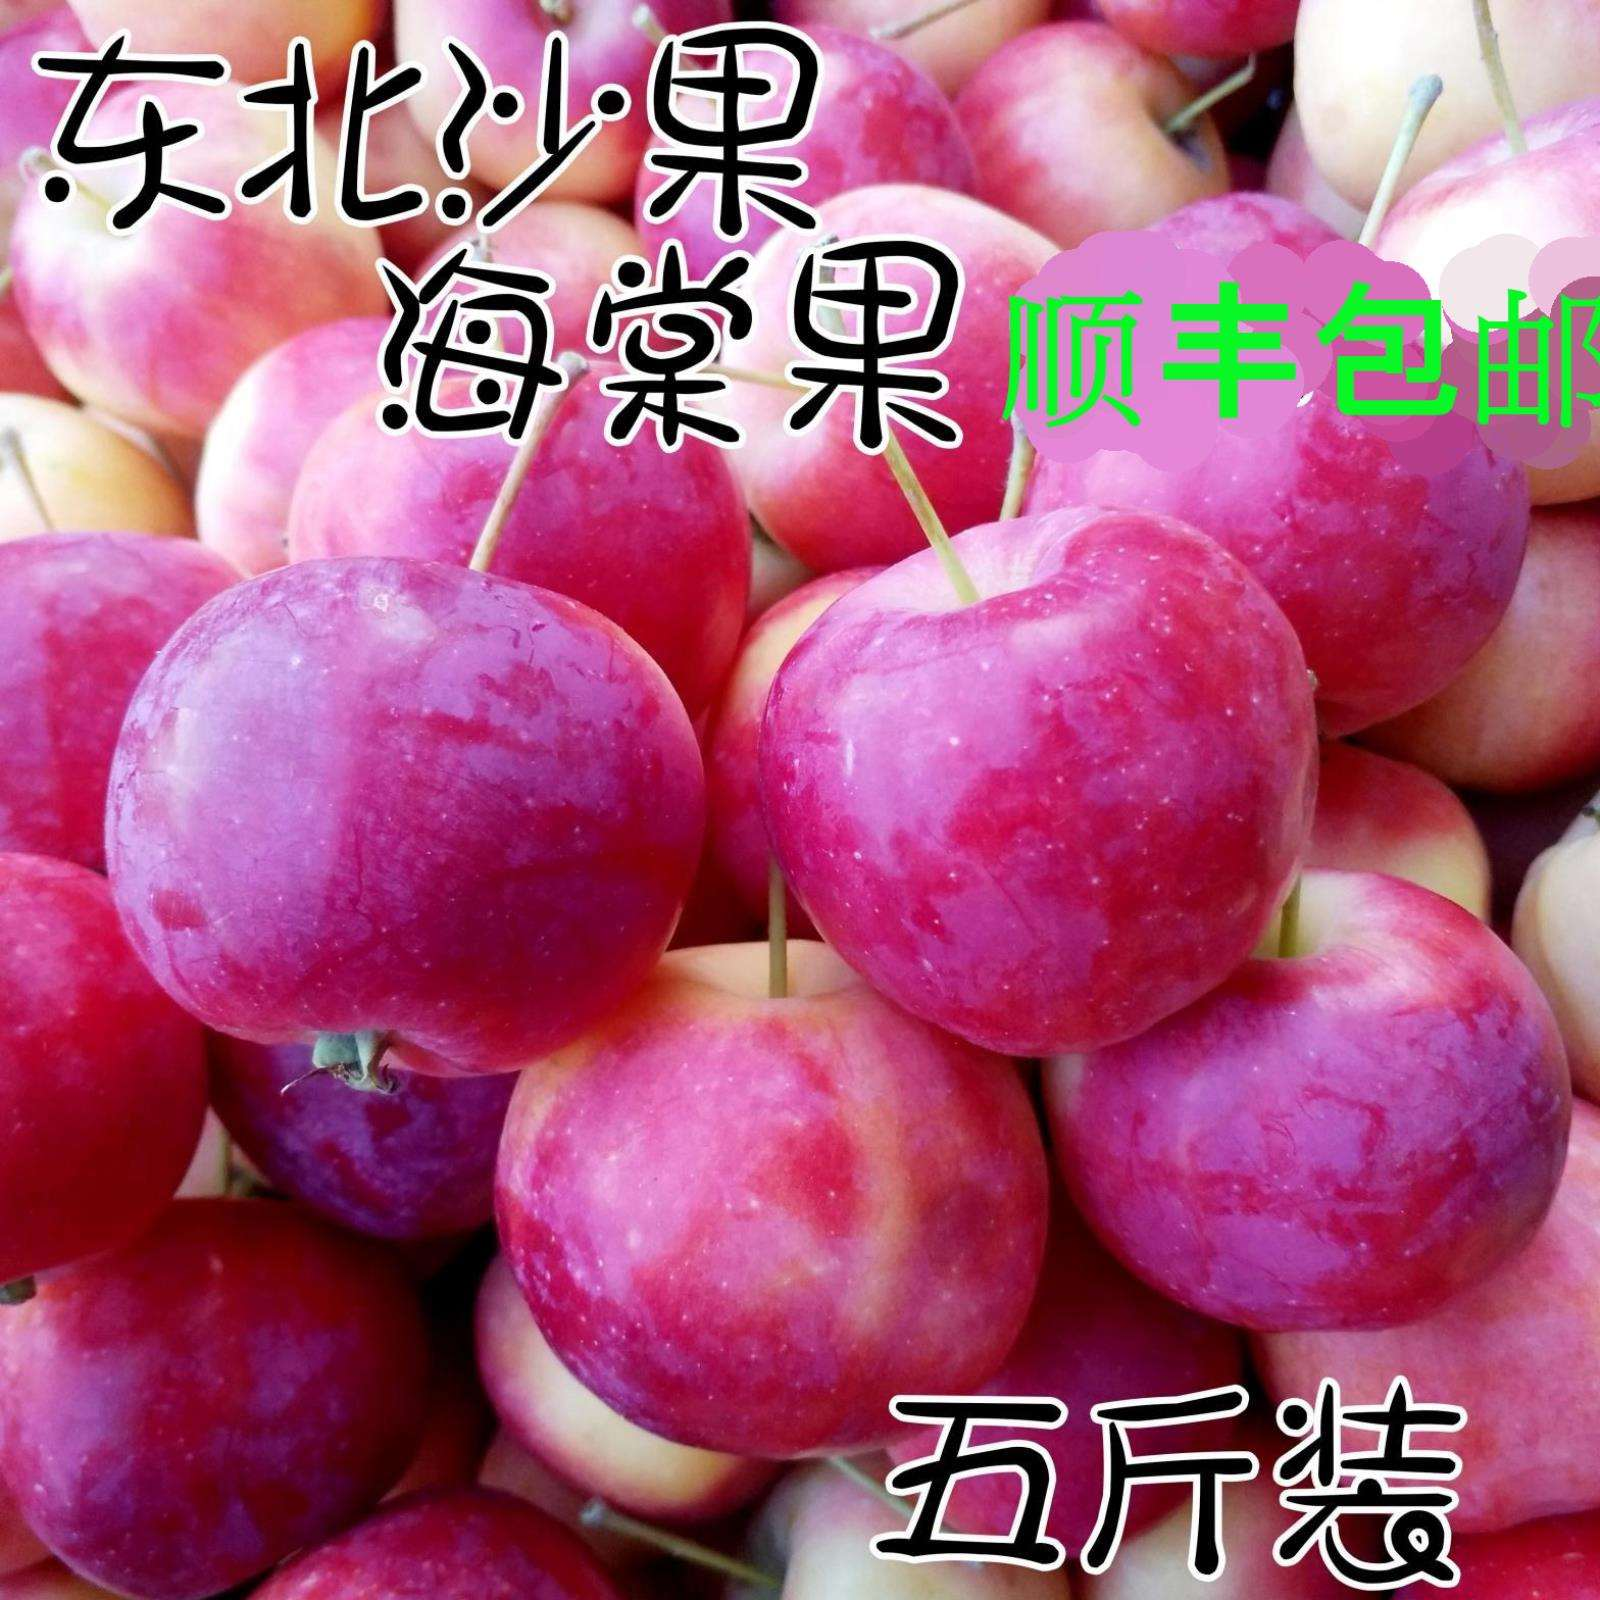 东北沙果 糖心 黑龙江糖心海棠果海棠果新鲜水果沙果新鲜当季特产